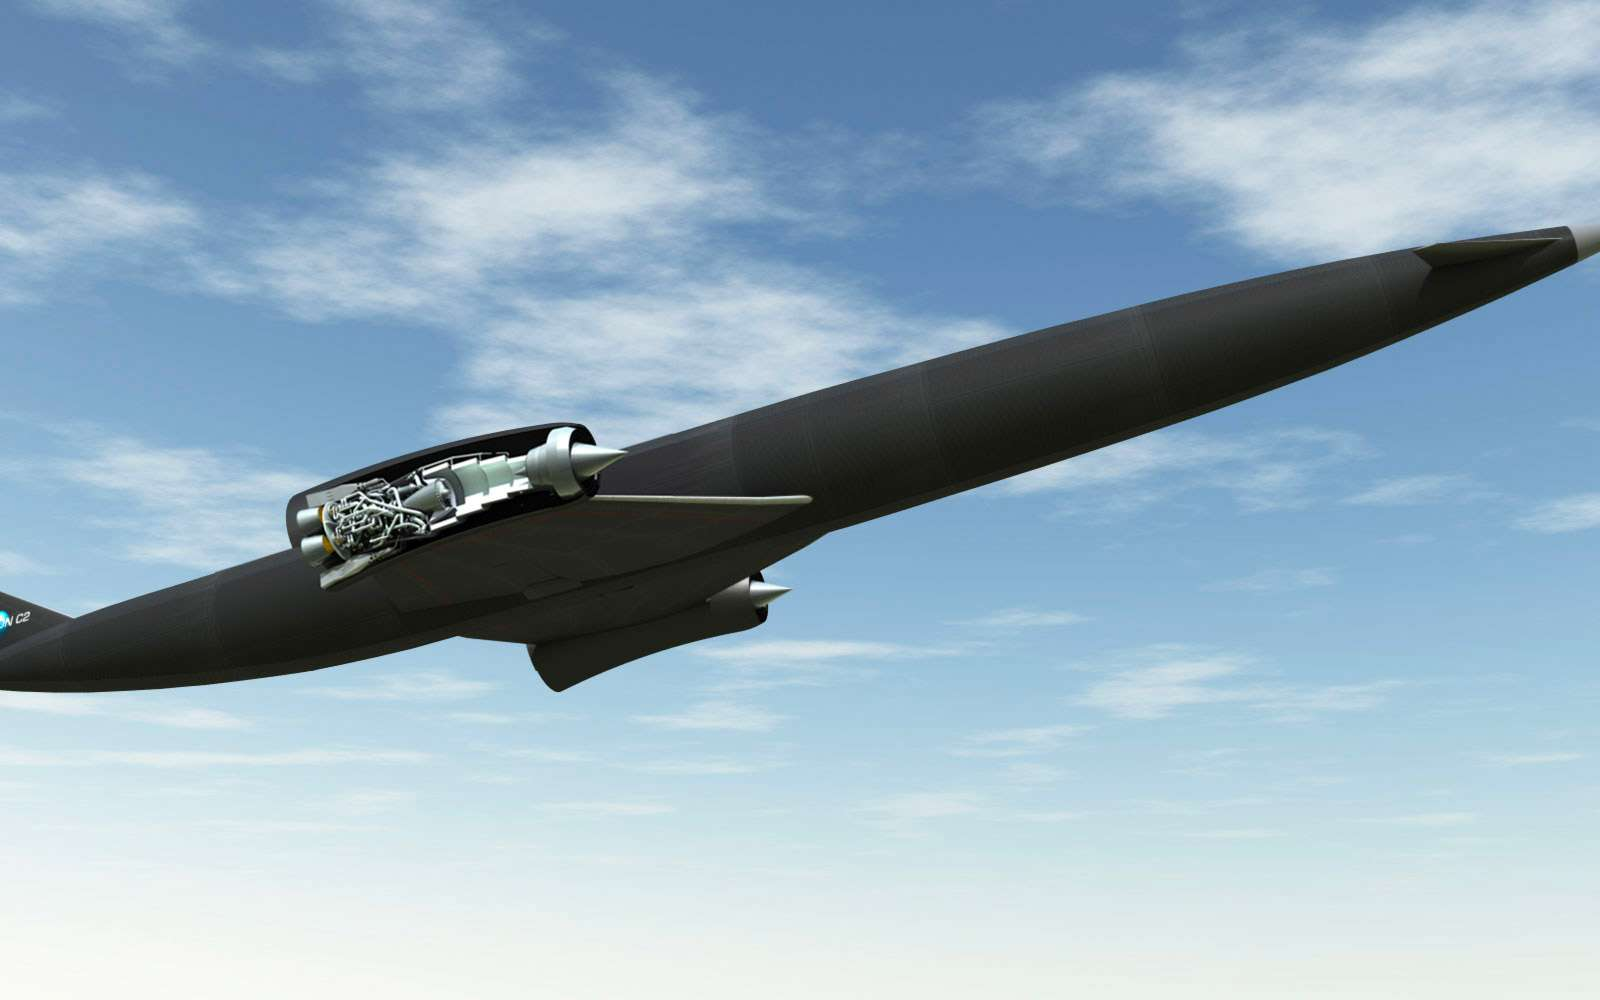 Séparation d'un étage supérieur d'avec un lanceur réutilisable à moteur Sabre. © Reaction Engines Ltd